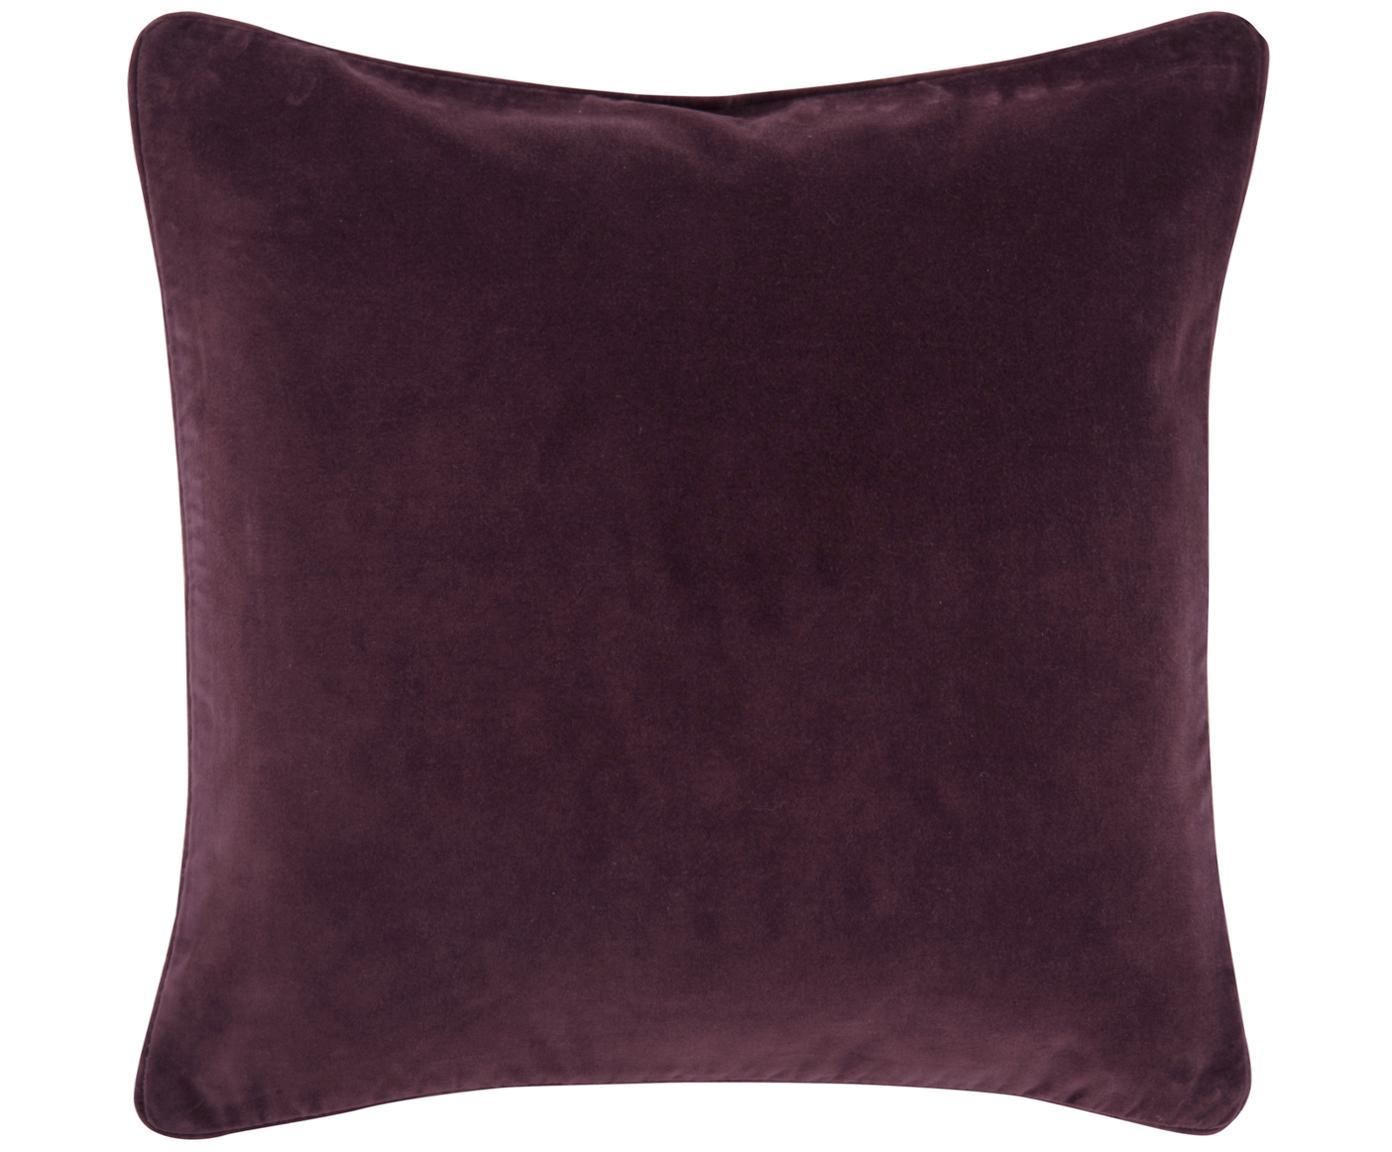 Poszewka na poduszkę z aksamitu Dana, 100% aksamit bawełniany,  Ciemnyfioletowy, S 40 x D 40 cm